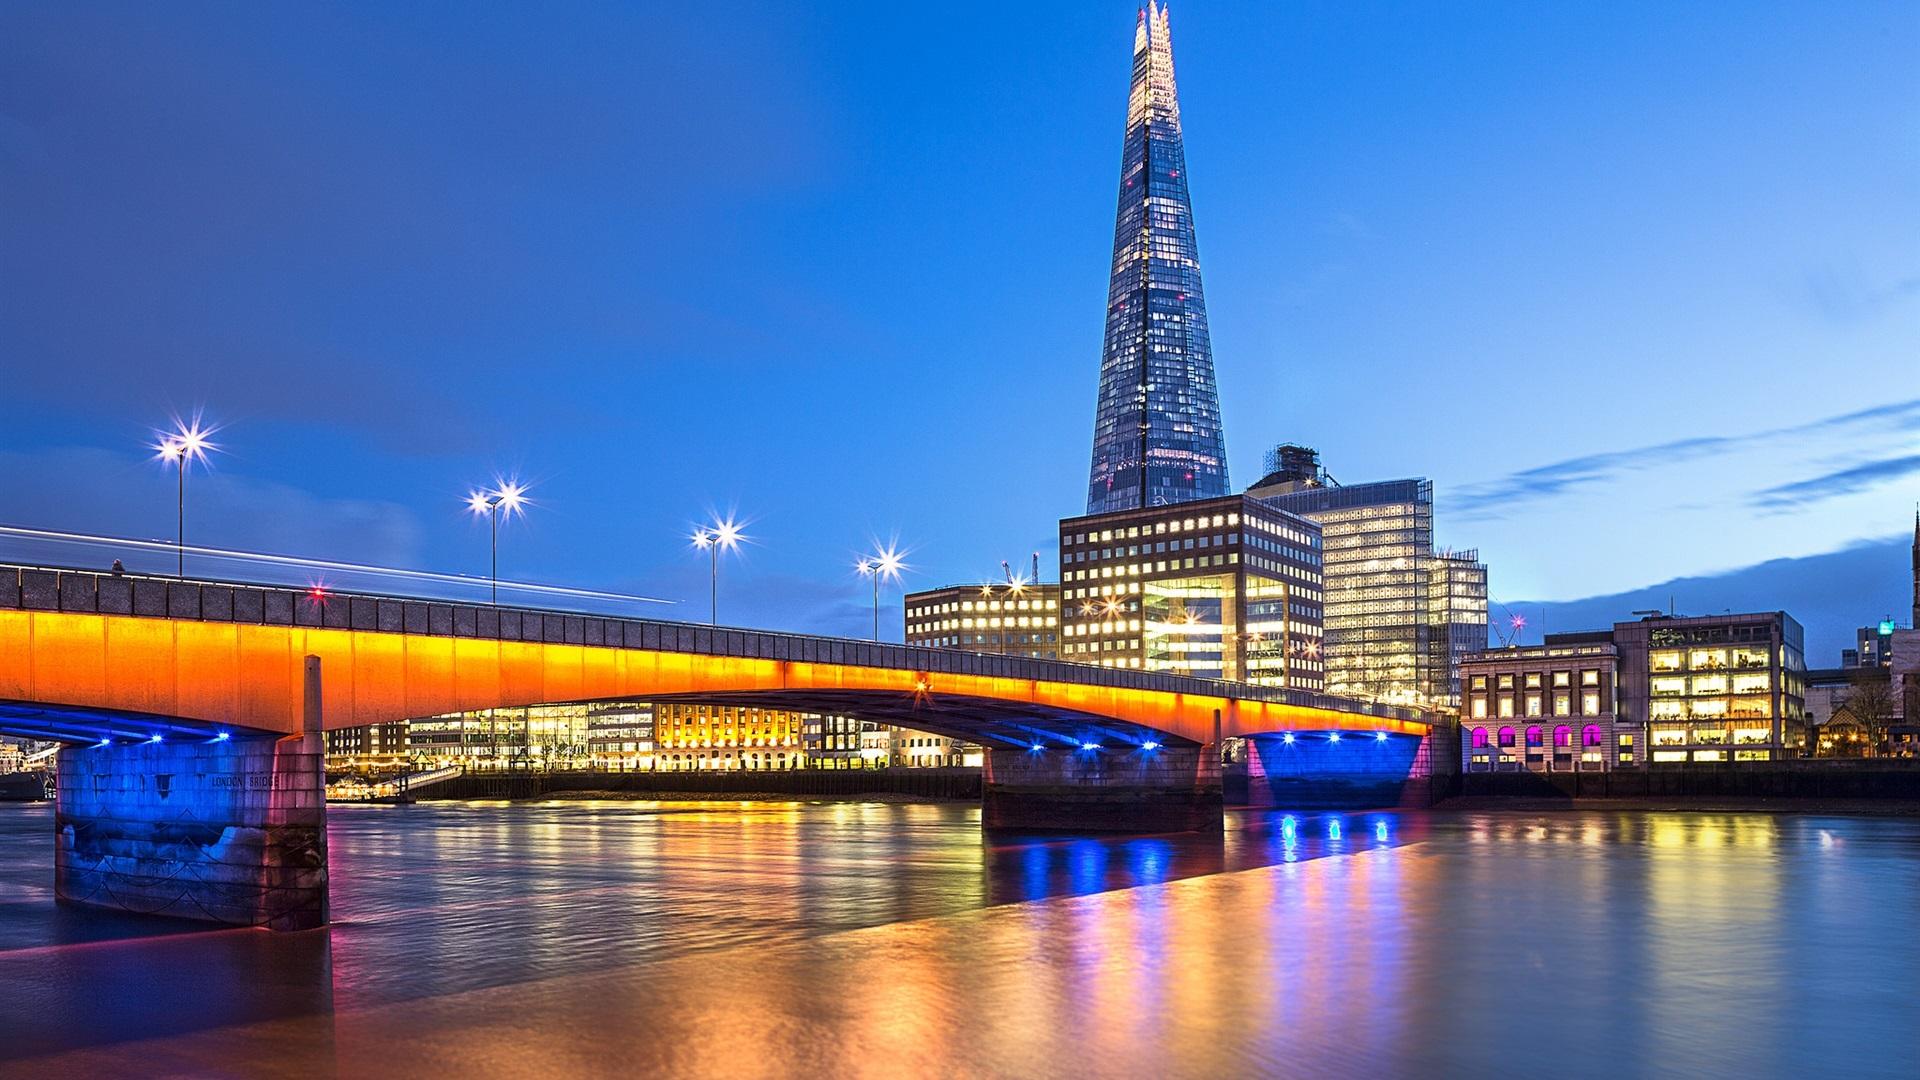 배경 화면 런던, 영국, 다리, 템스 강, 저녁, 조명, 건물 1920x1200 HD 그림, 이미지